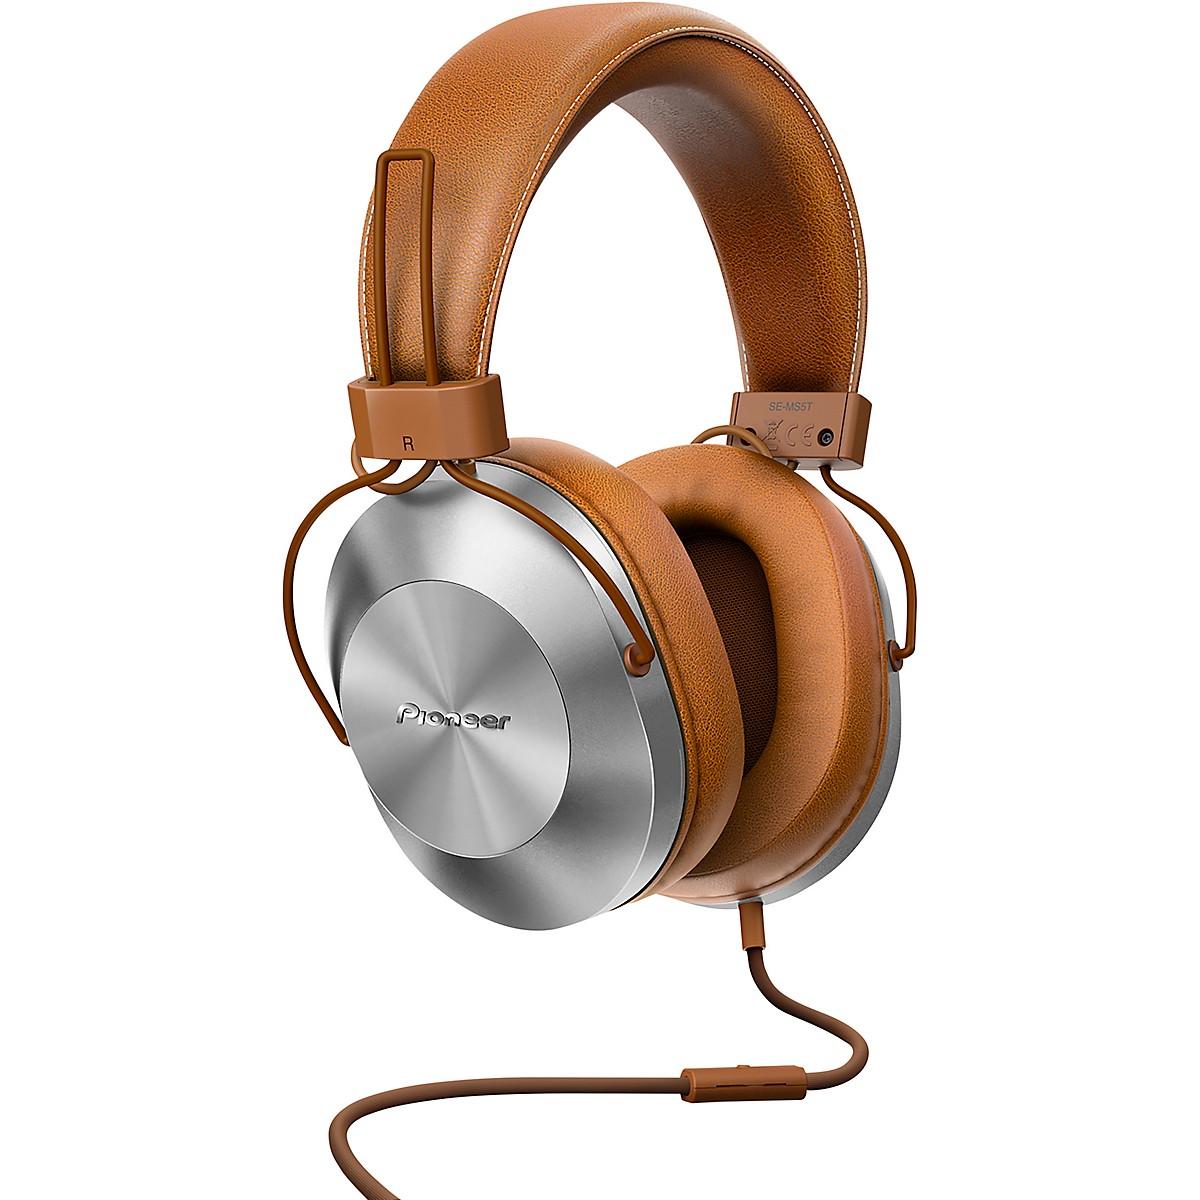 Pioneer SEMS5TT Hi-Res Stereo Headphones